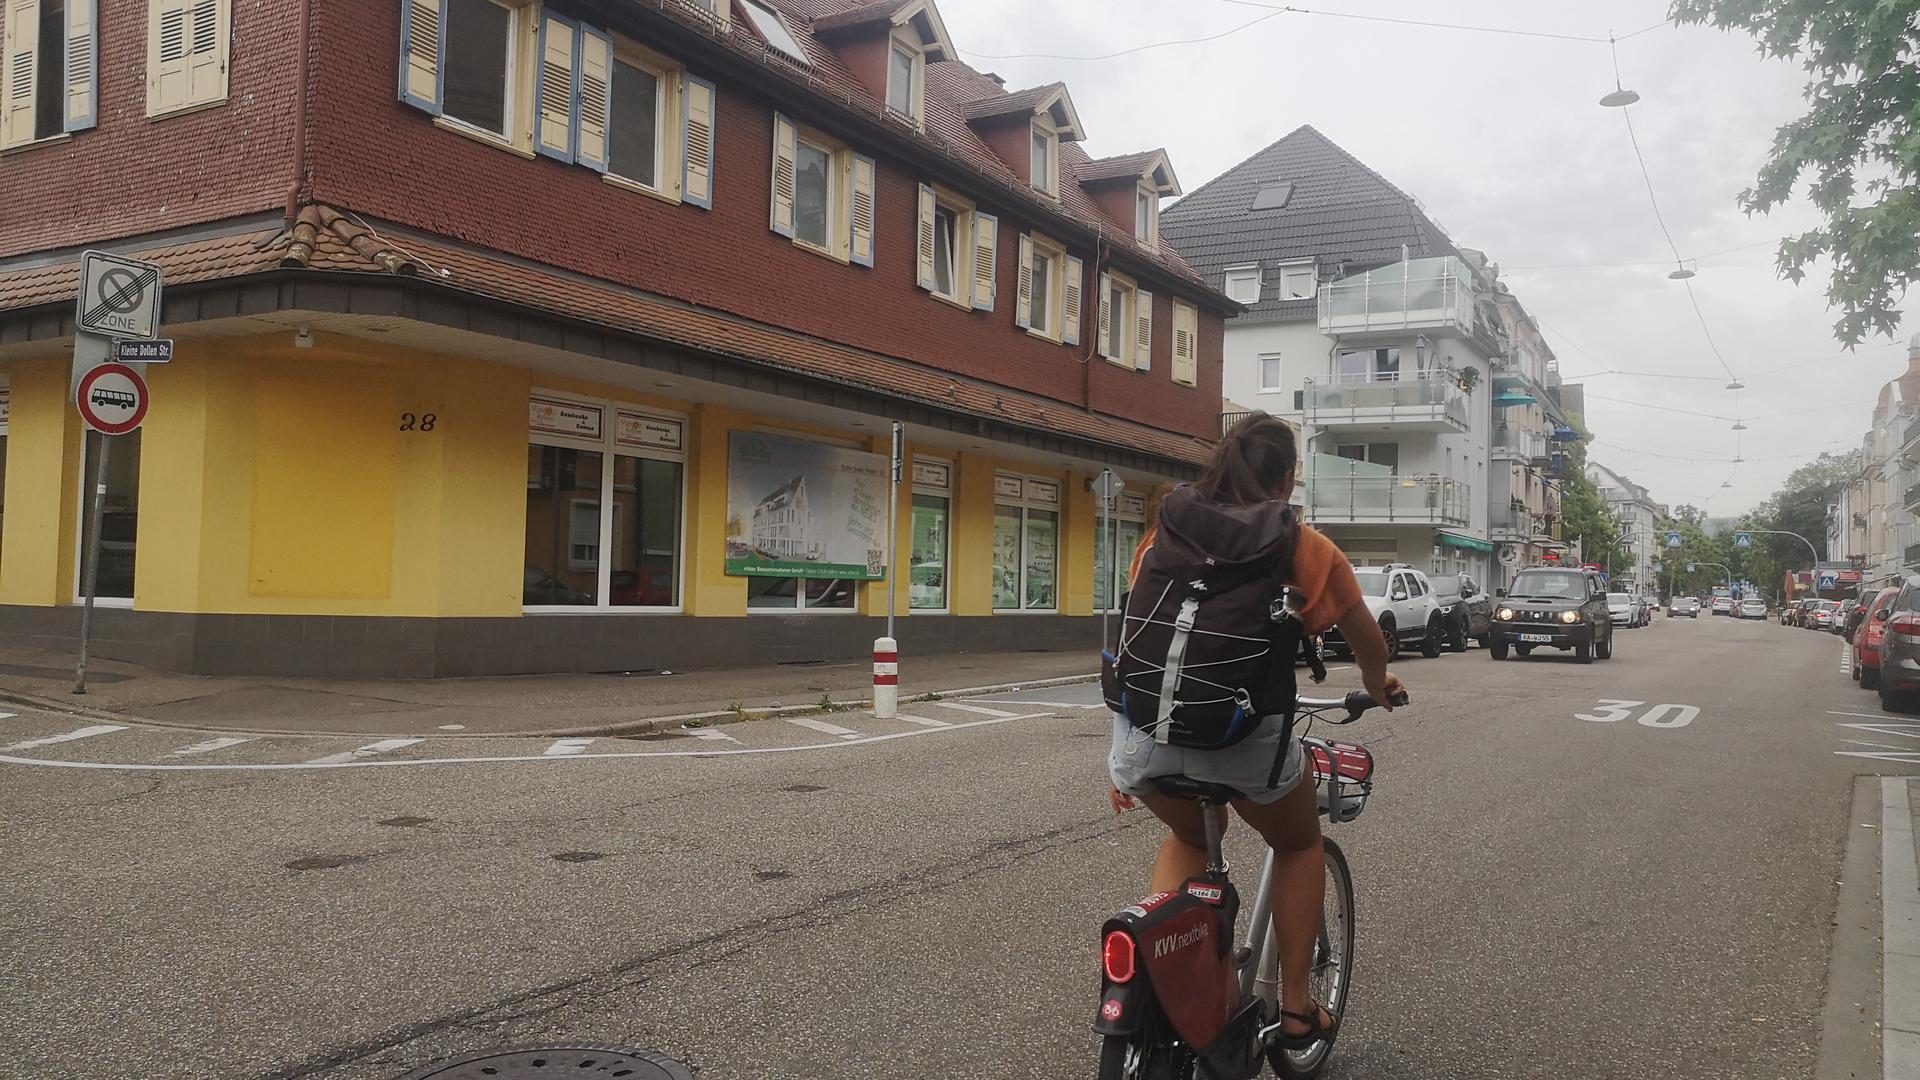 Straße, Häuser, Radfahrer